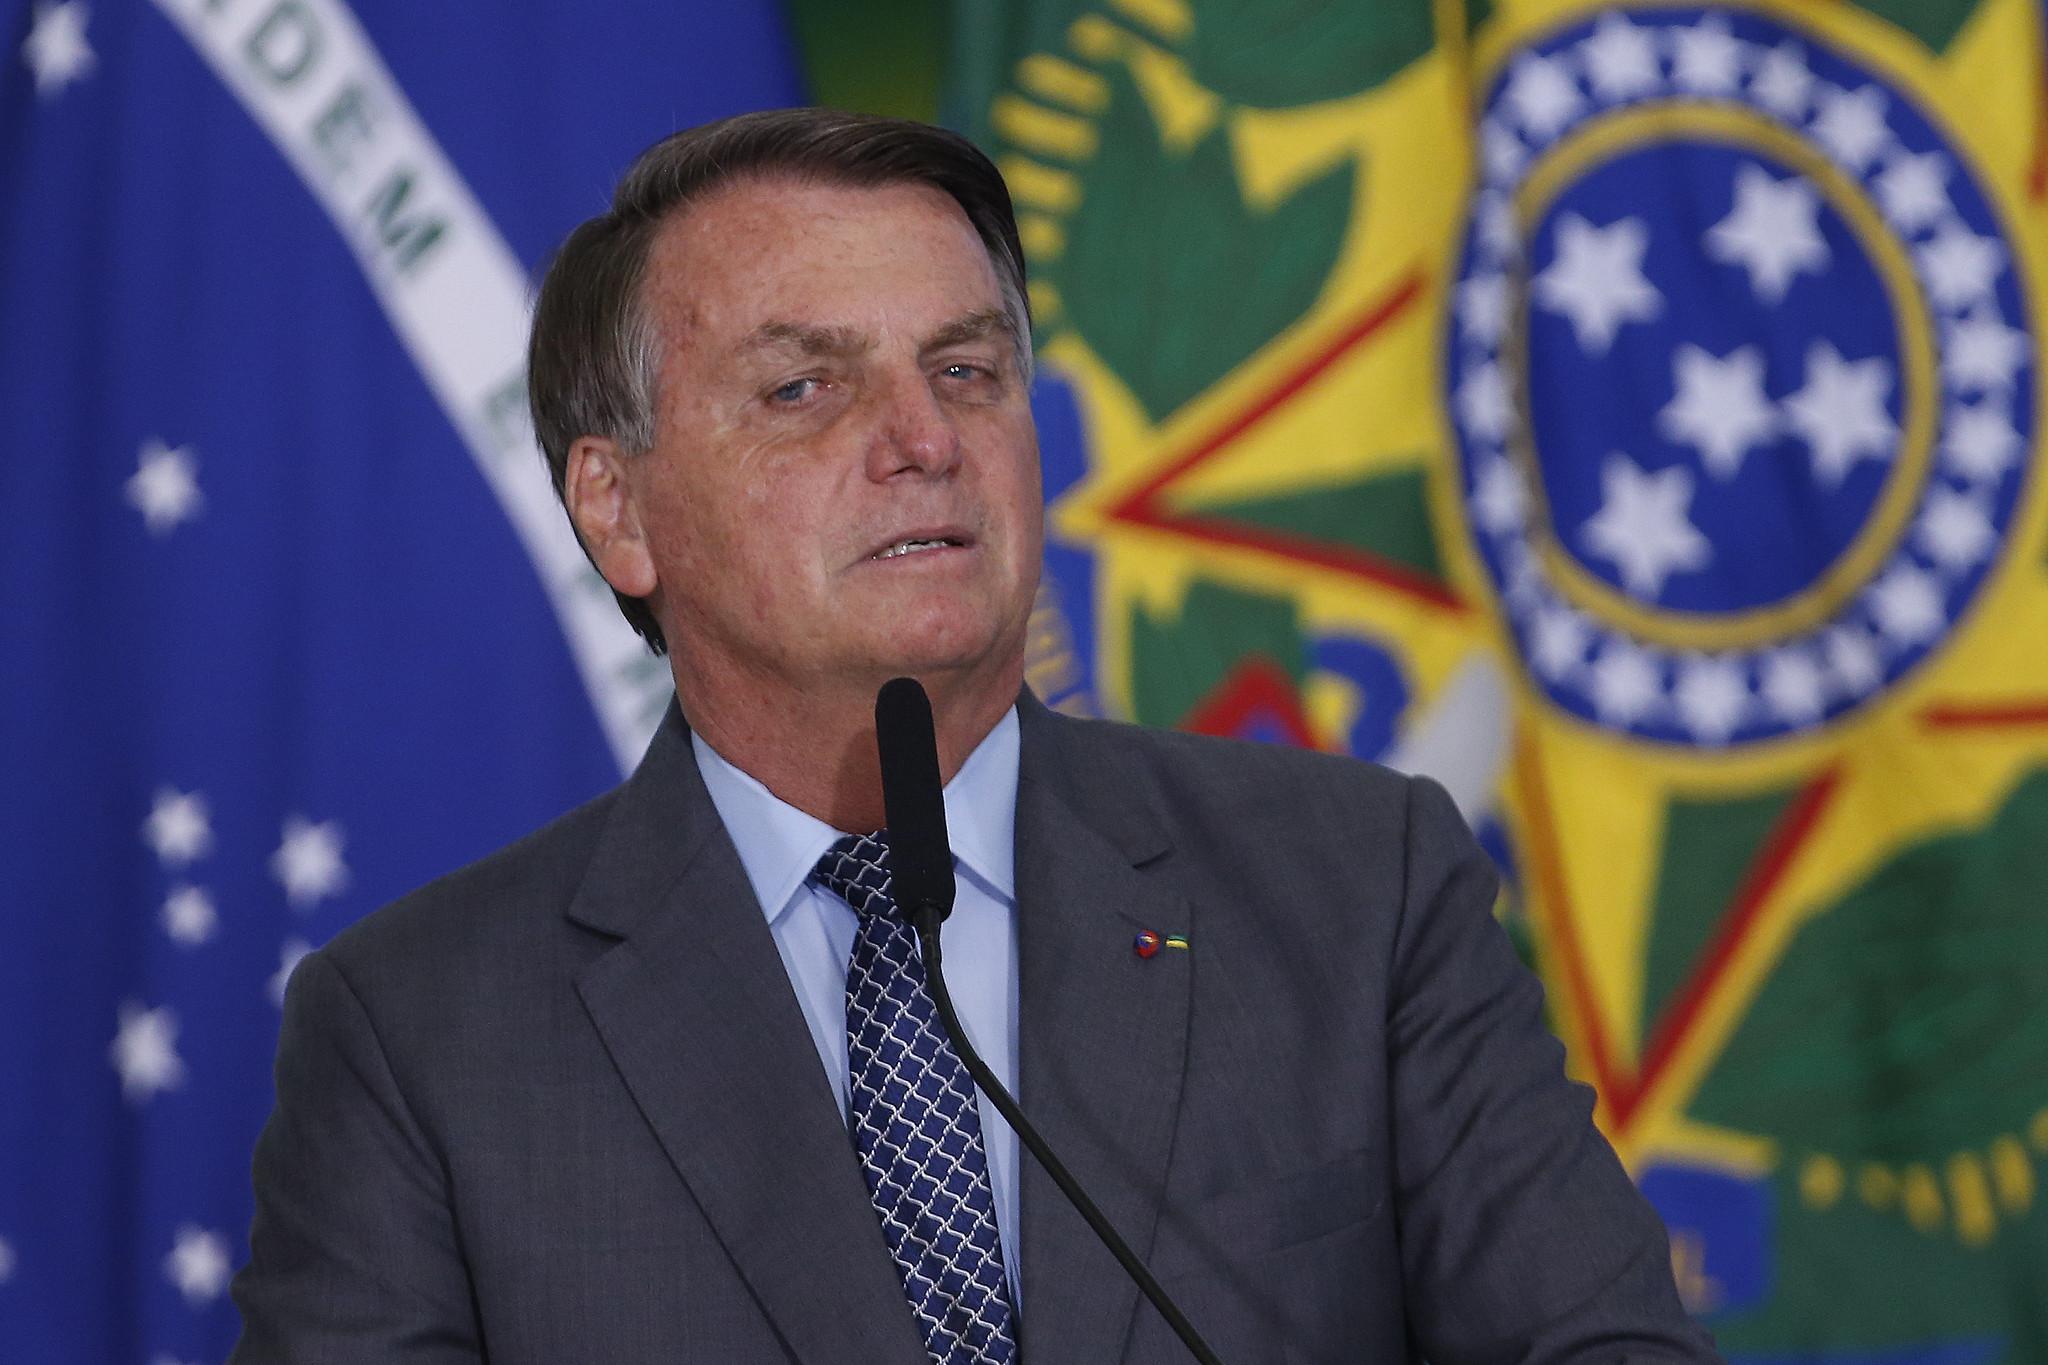 IMAGEM: Bolsonaro promete 'juros lá embaixo' para PMs comprarem casa própria